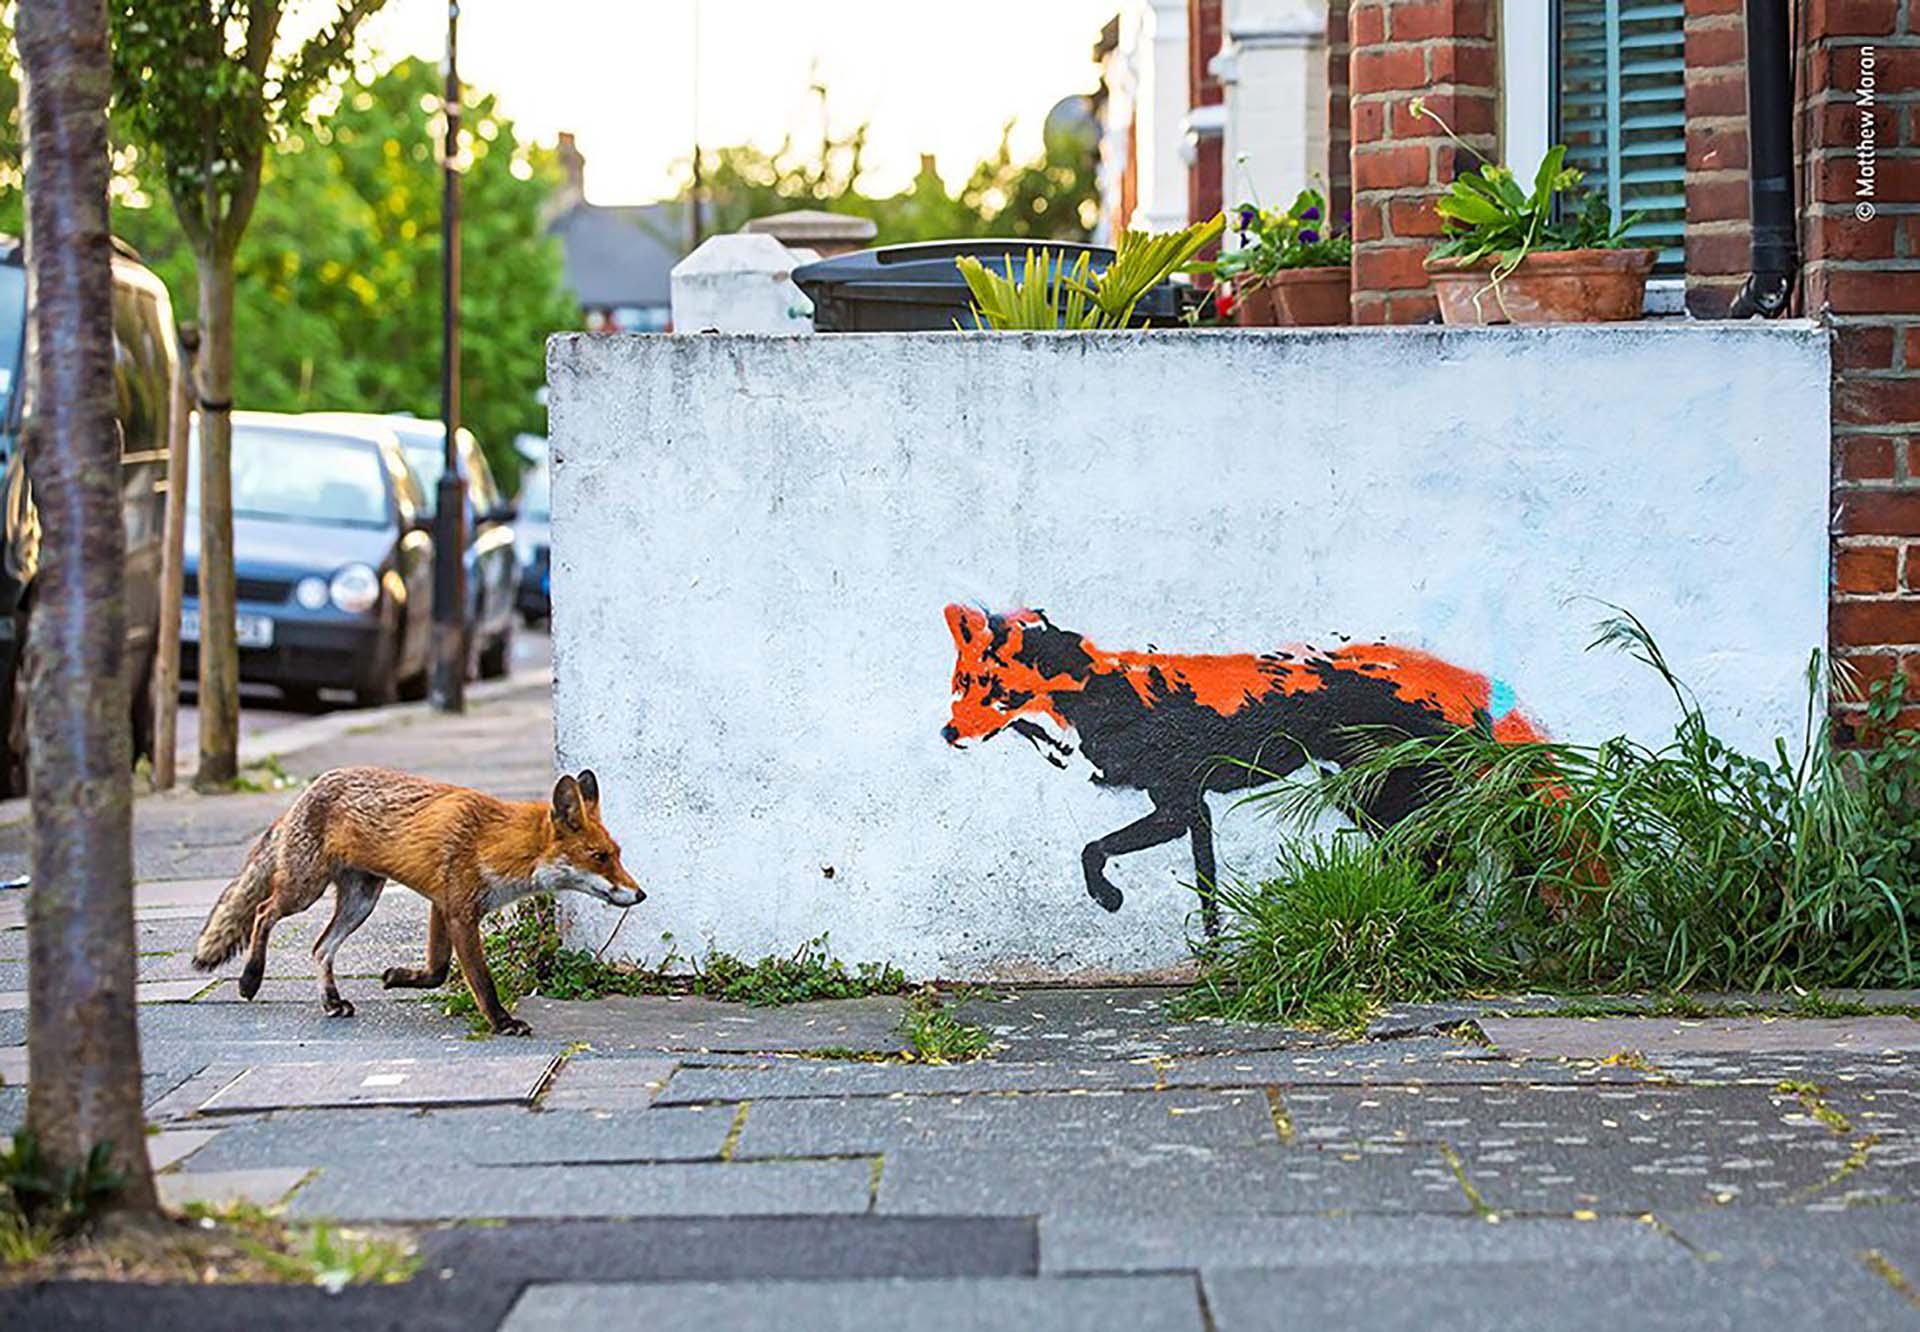 'Zorro se encuentra con zorro': Matthew Maran ha estado fotografiando zorros cerca de su hogar en el norte de Londres durante más de un año y desde entonces, al ver este arte callejero, había soñado con capturar esta imagen